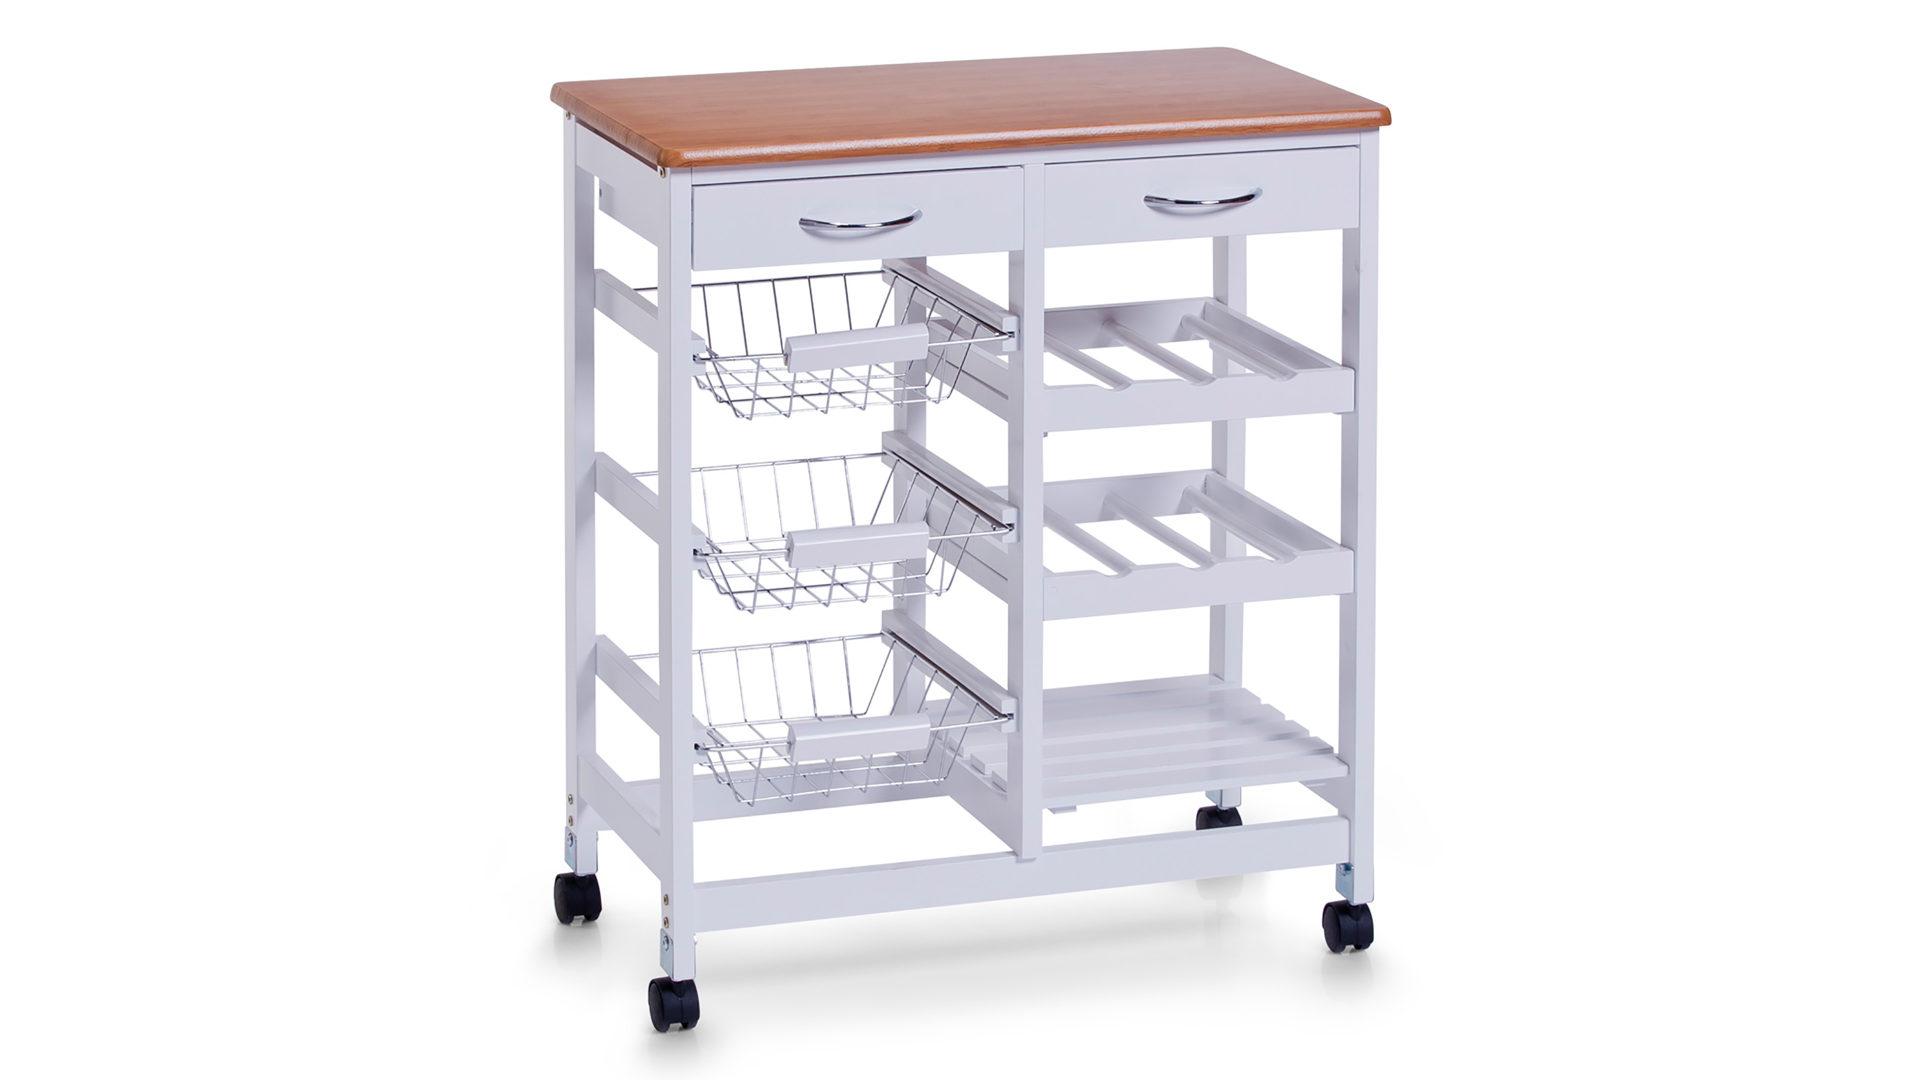 Möbel Busch | Möbel A-Z | Küchen | Küchenrollwagen | weiße ...